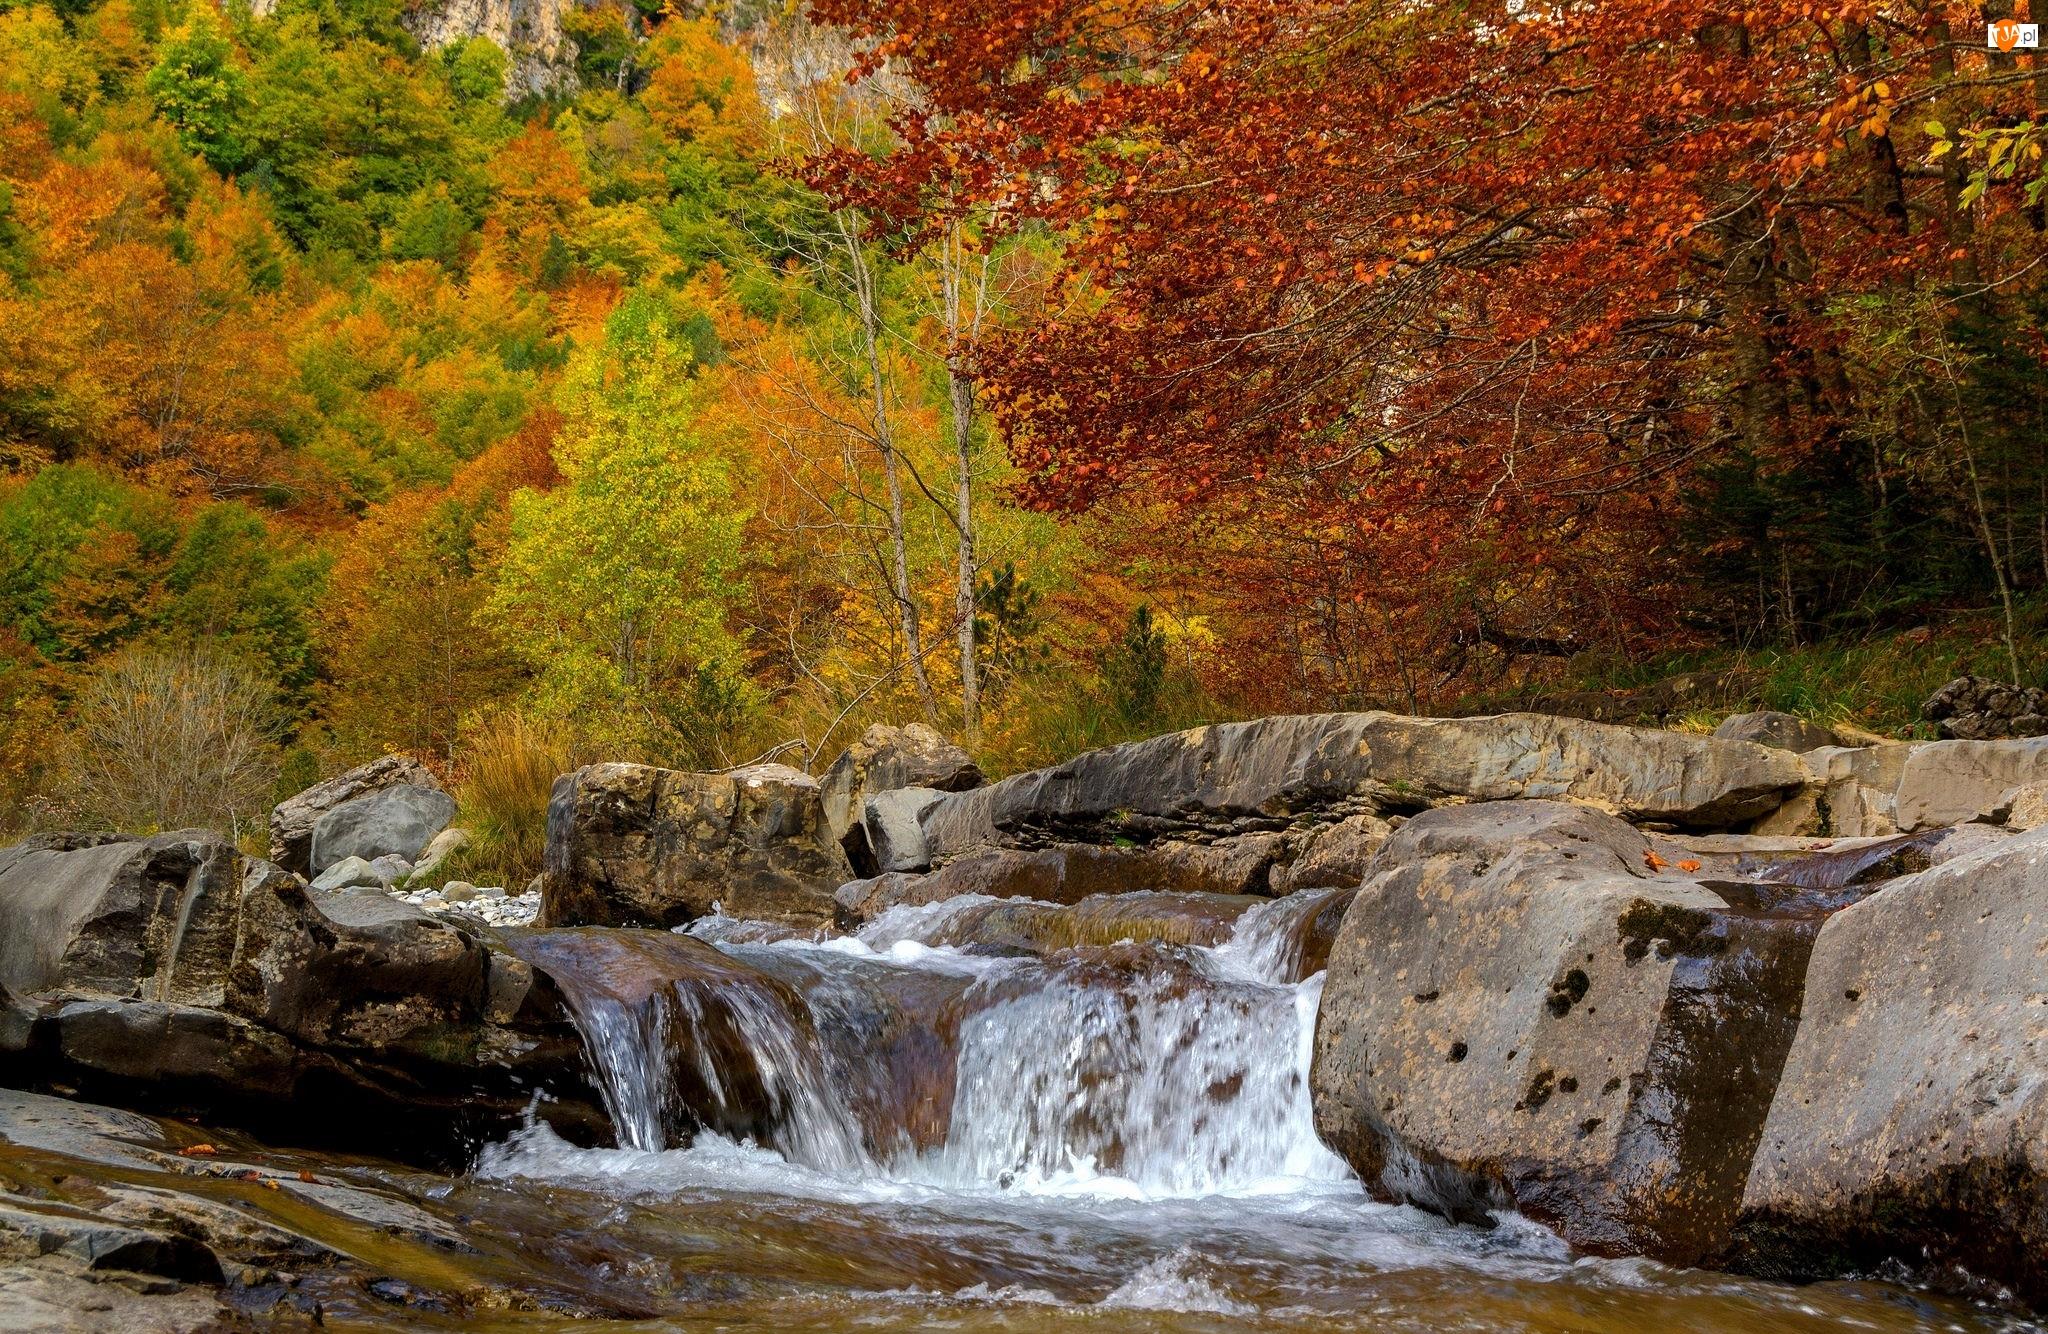 Drzewa, Jesień, Las, Kamienie, Rzeka